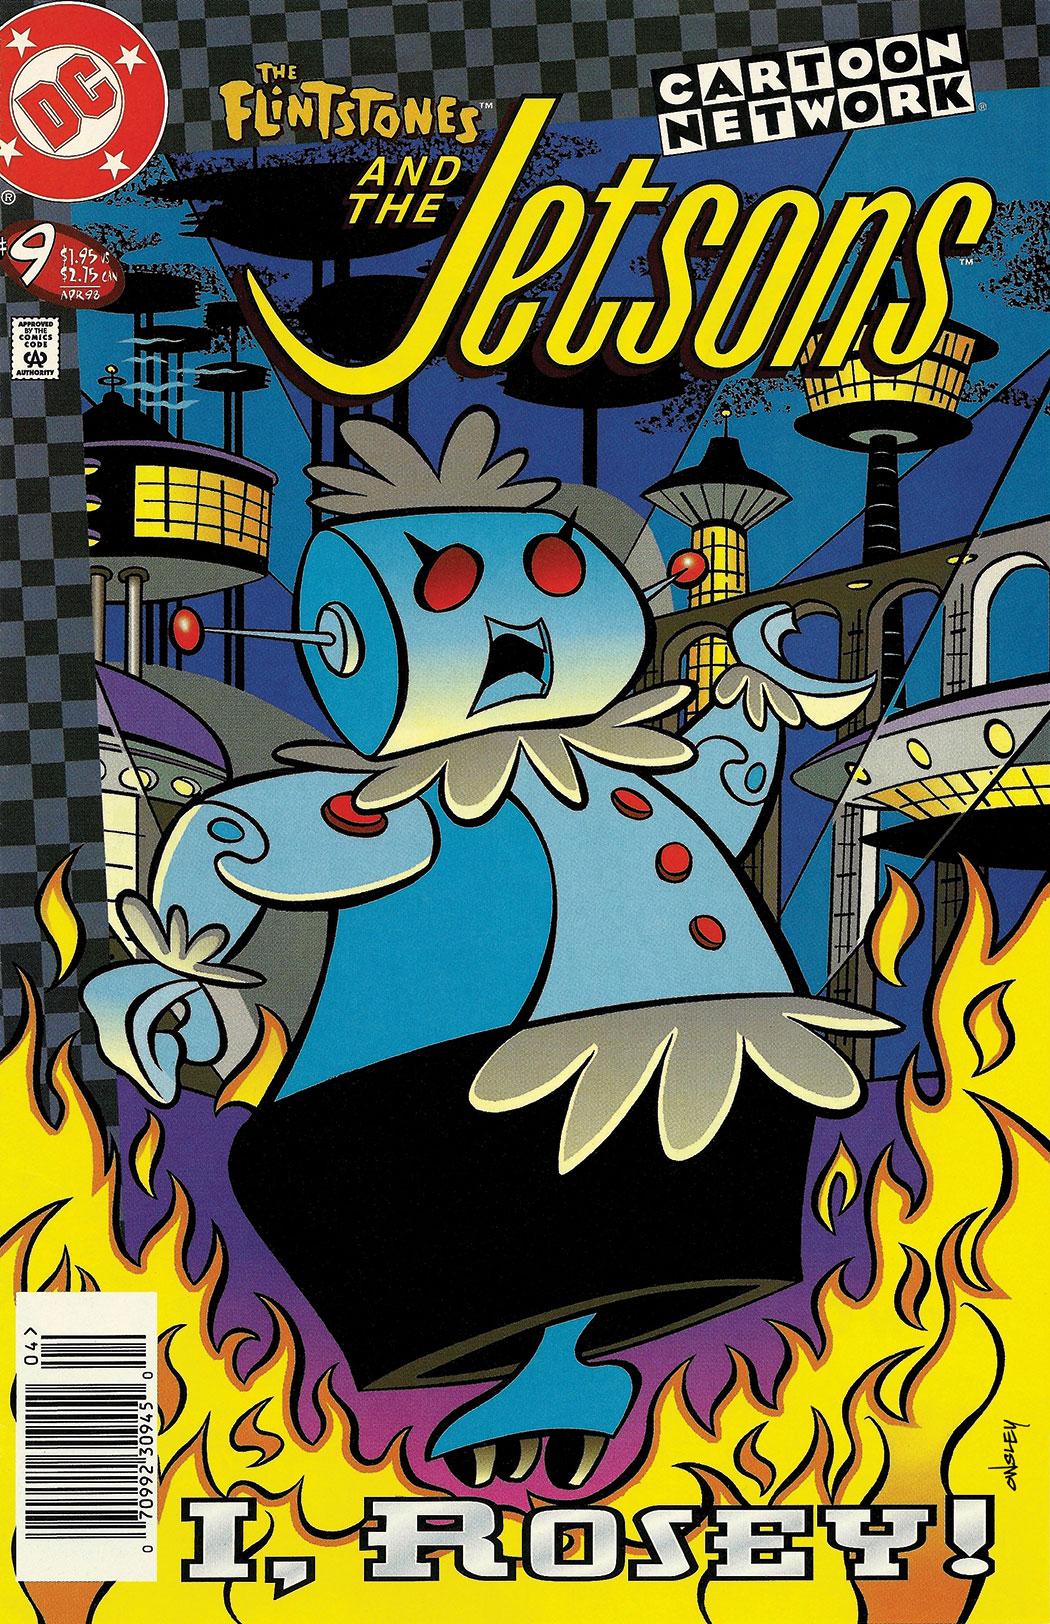 JETSONS-ROSEY-COVER_1050.jpg